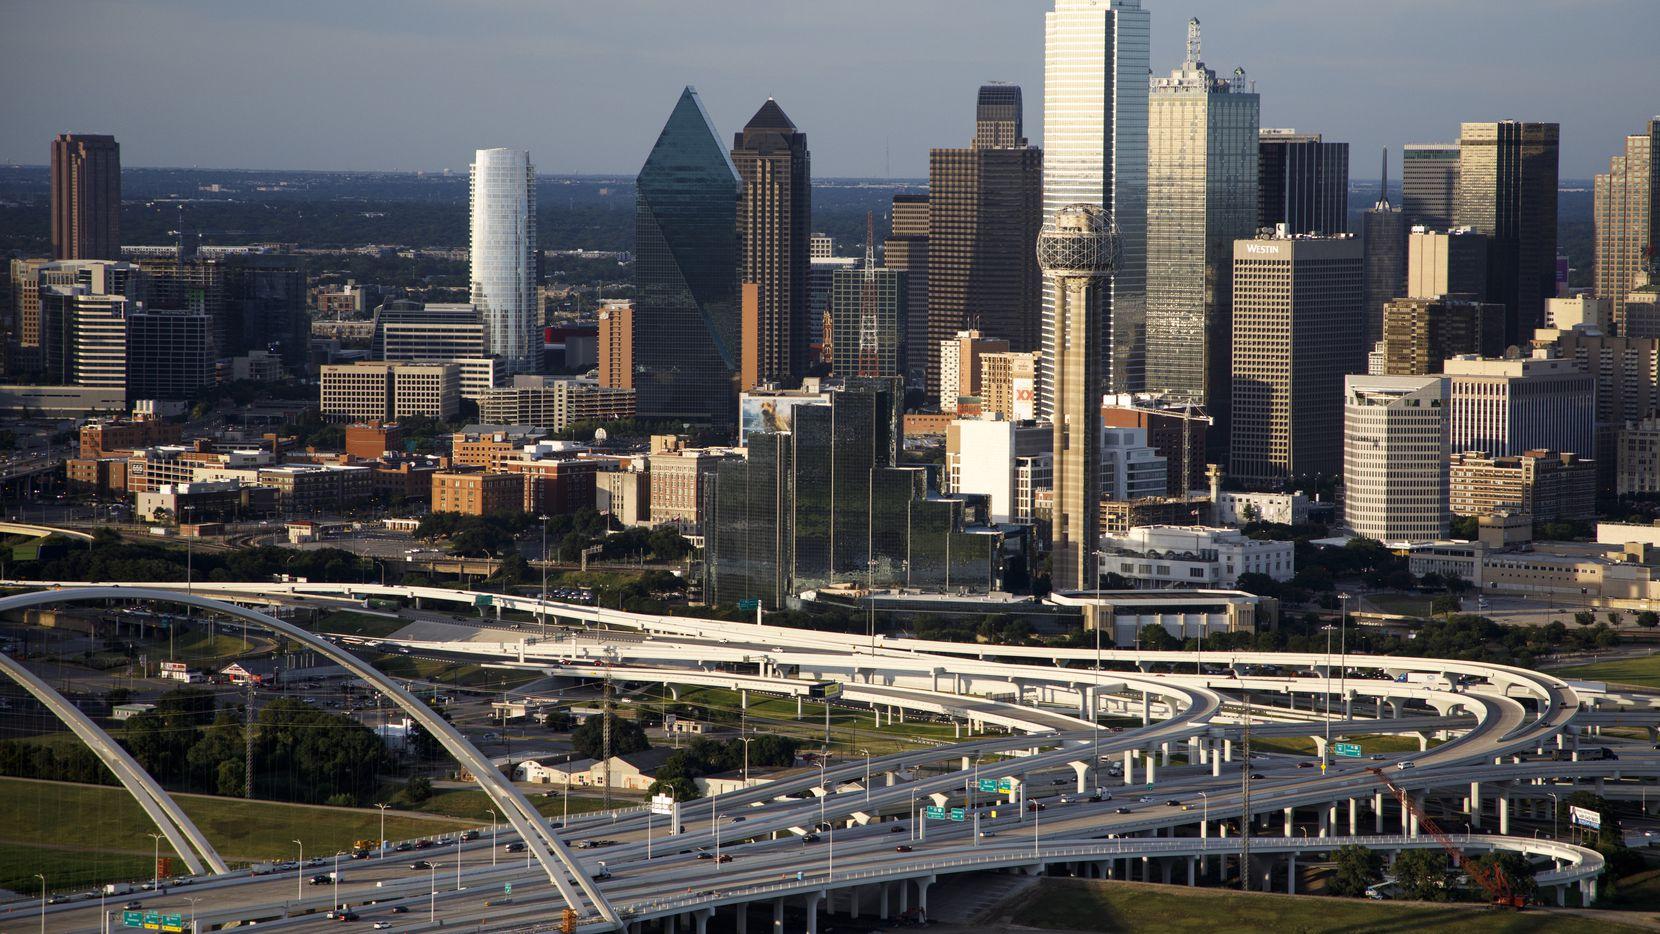 The downtown skyline and Margaret McDermott Bridge